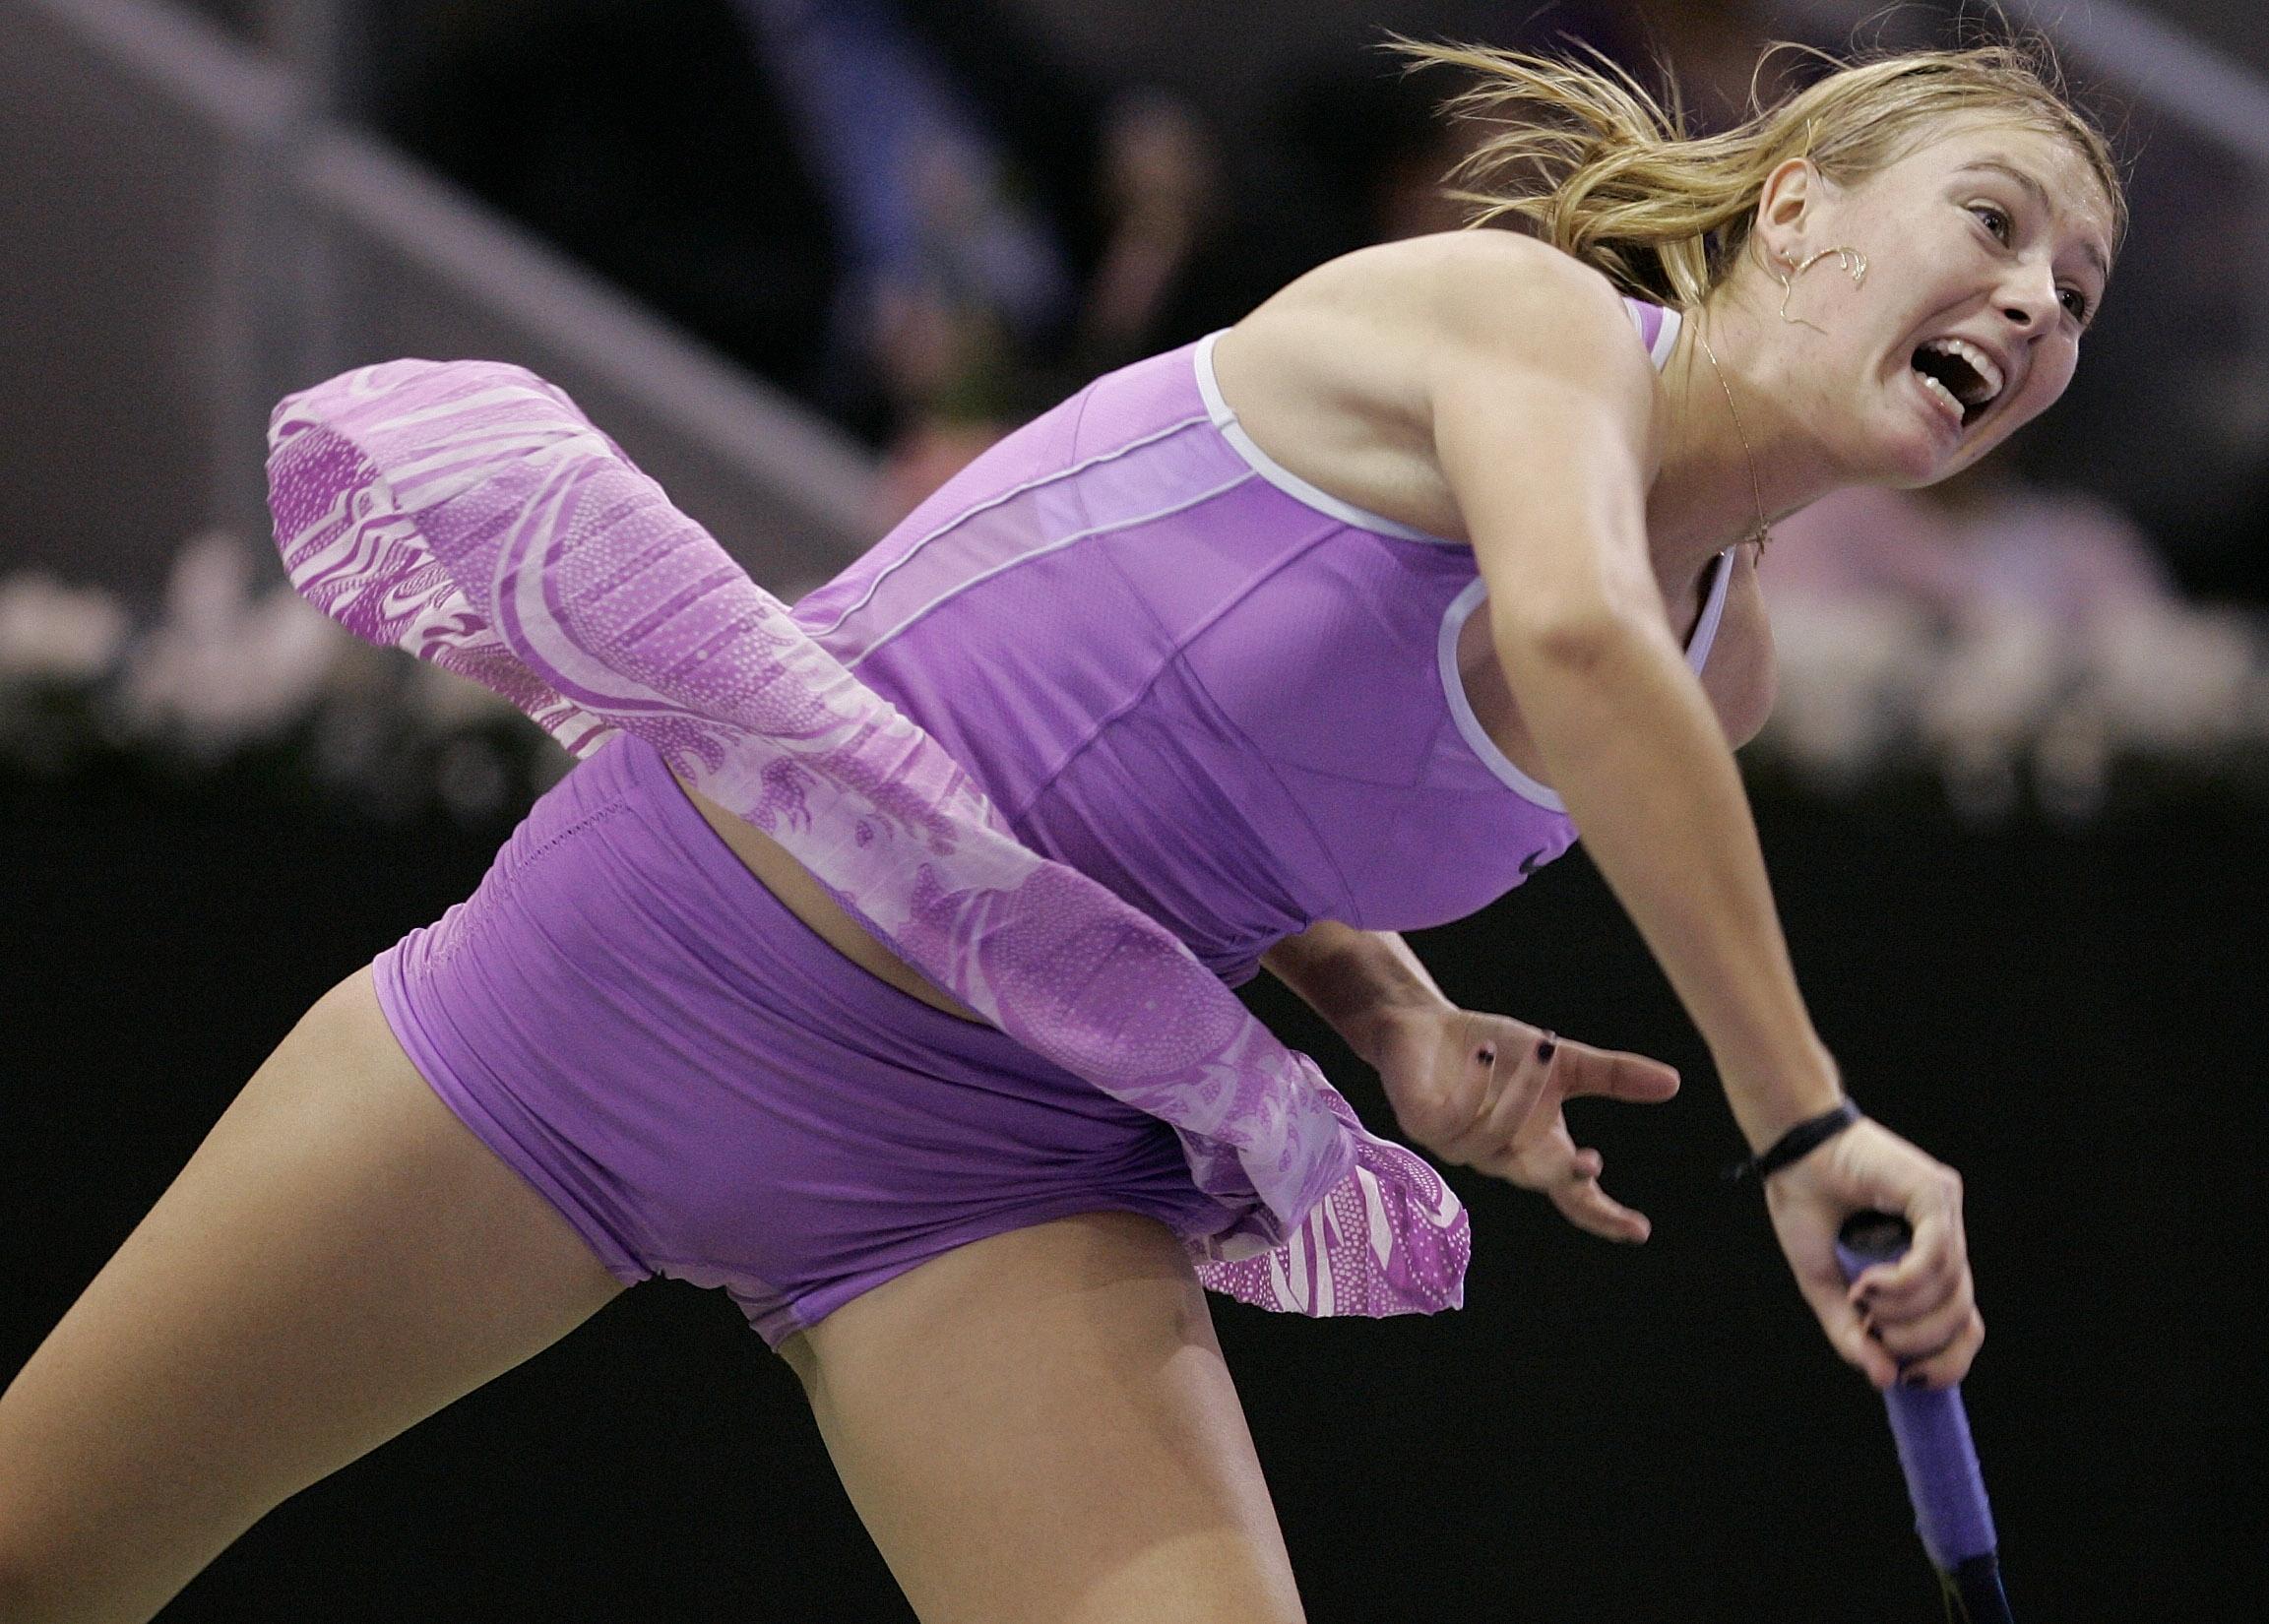 Случайные порно фото в спорте, Спортивные засветыфотографий ВКонтакте 13 фотография